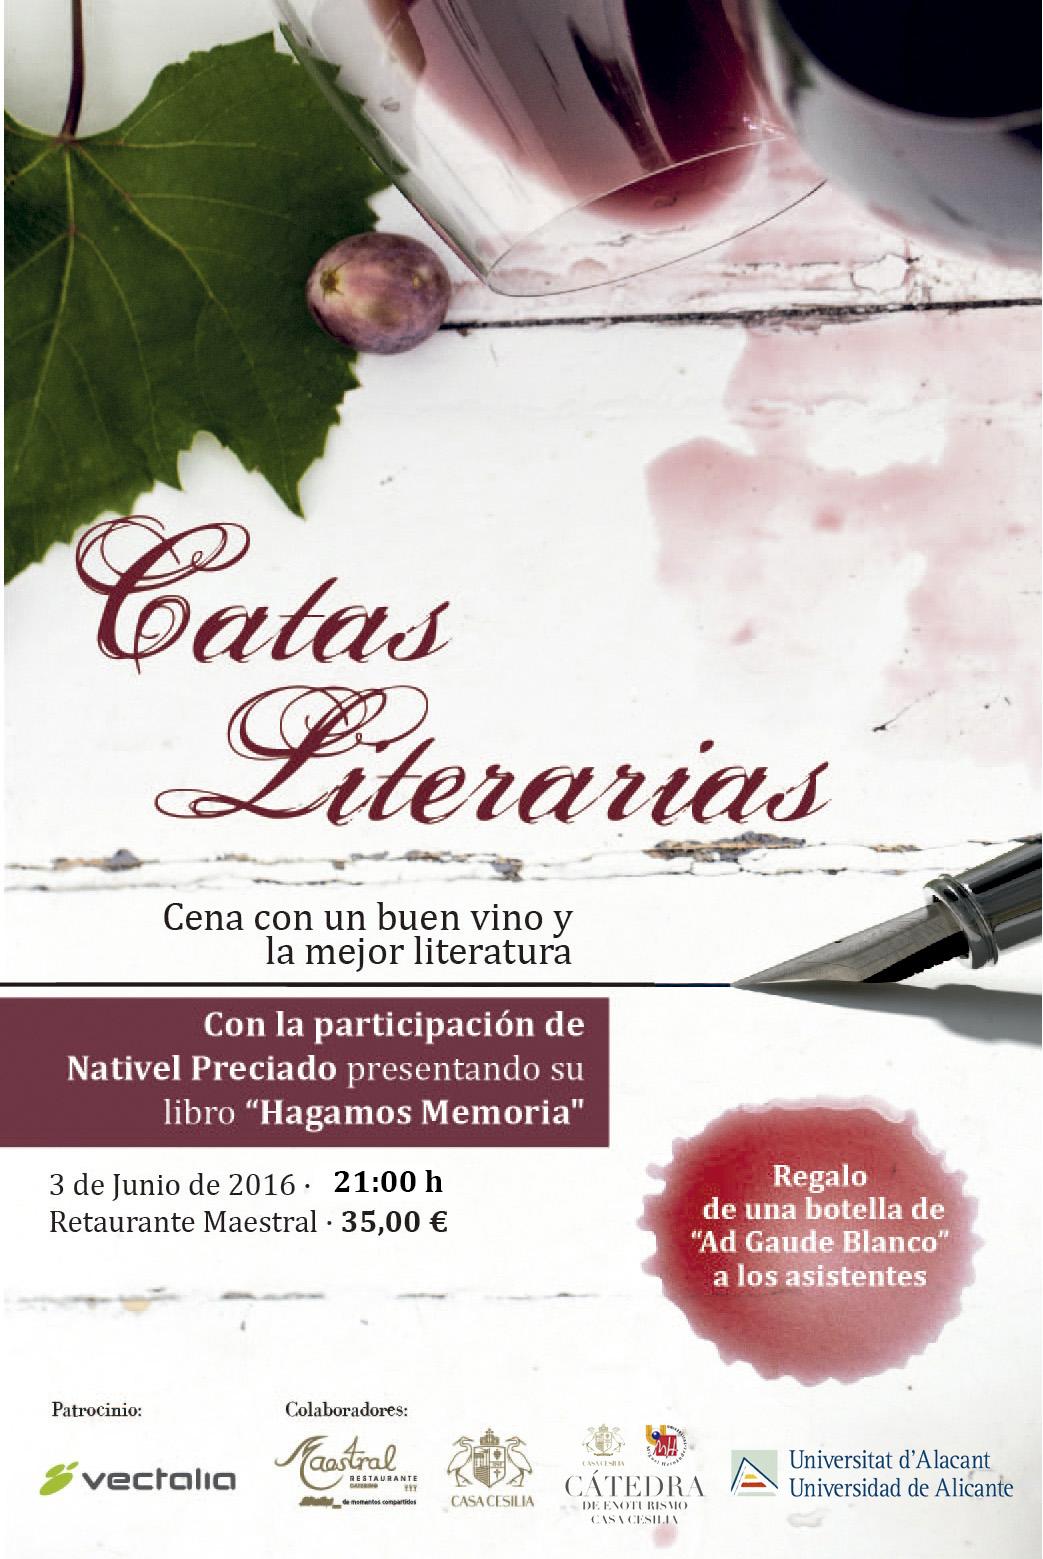 Quintas Catas Literarias Maestral